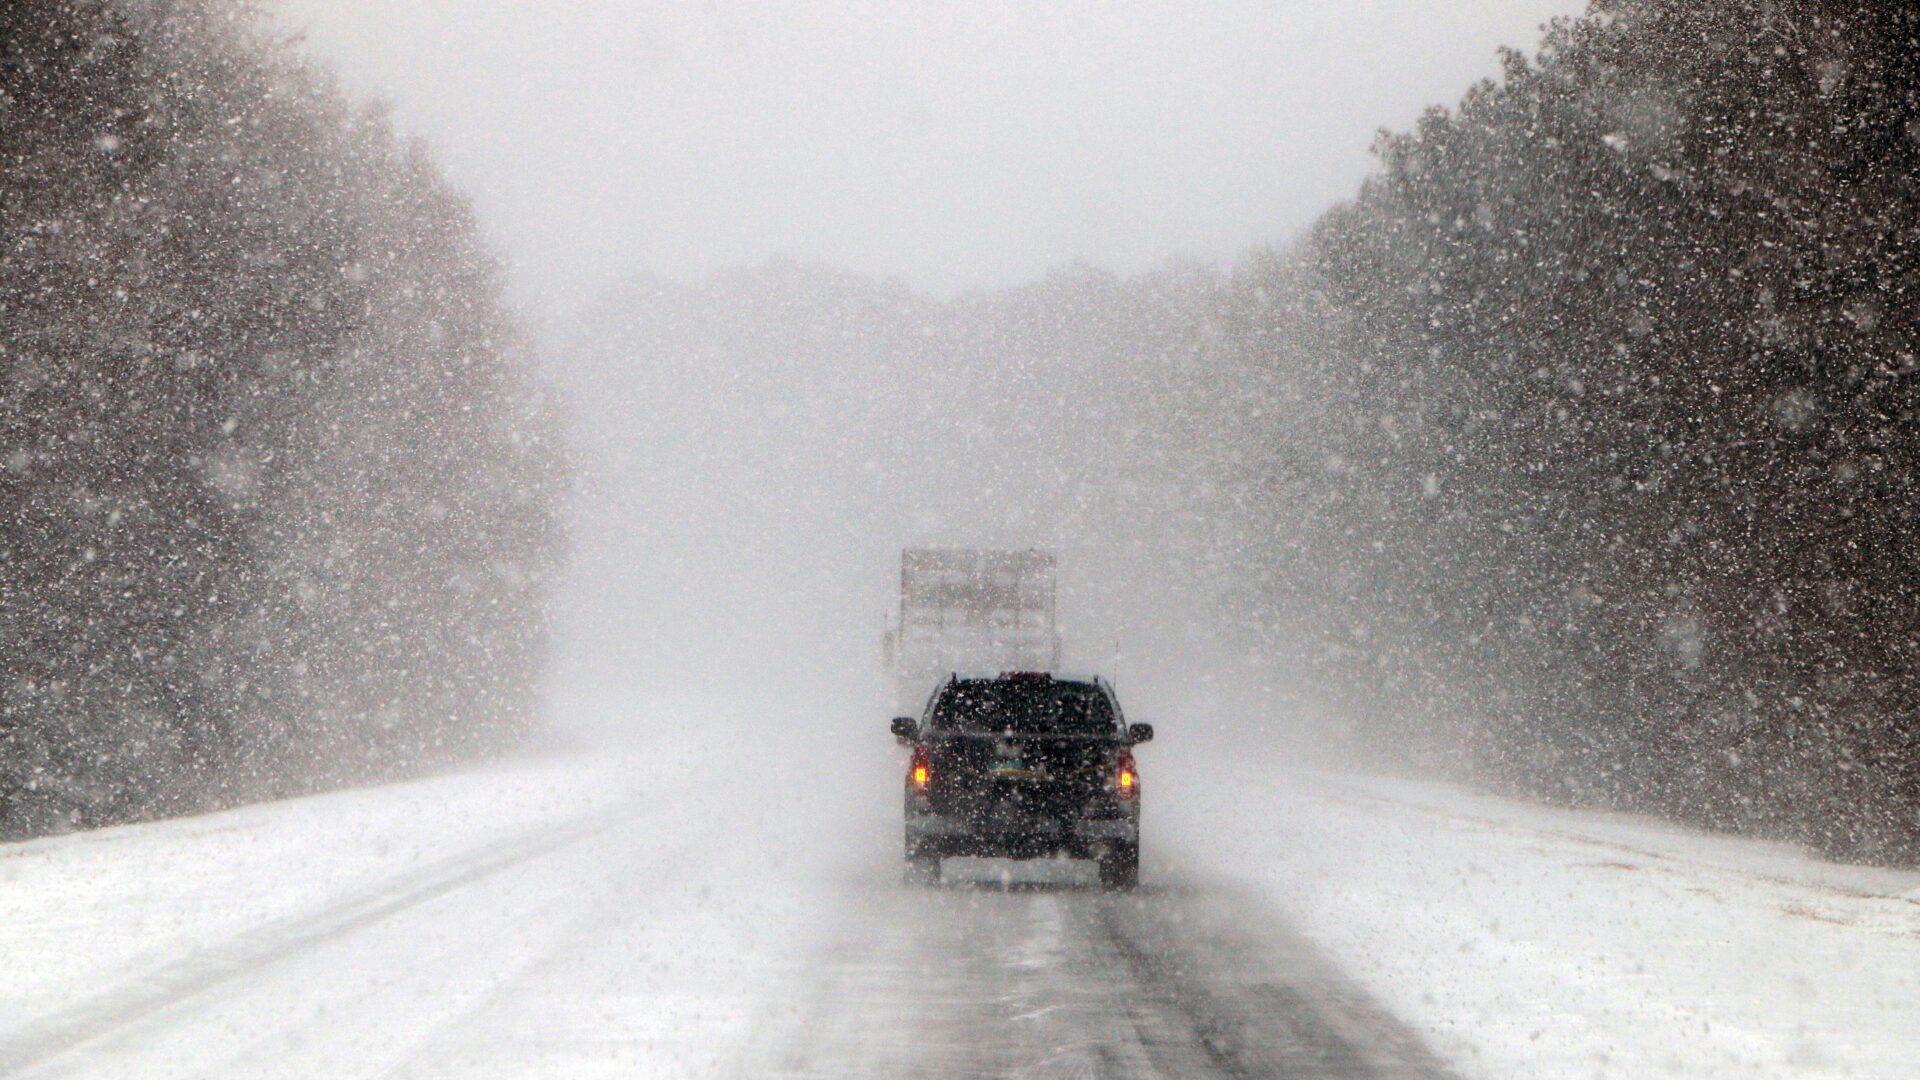 Как избежать четырех самых опасных ситуаций на дороге?